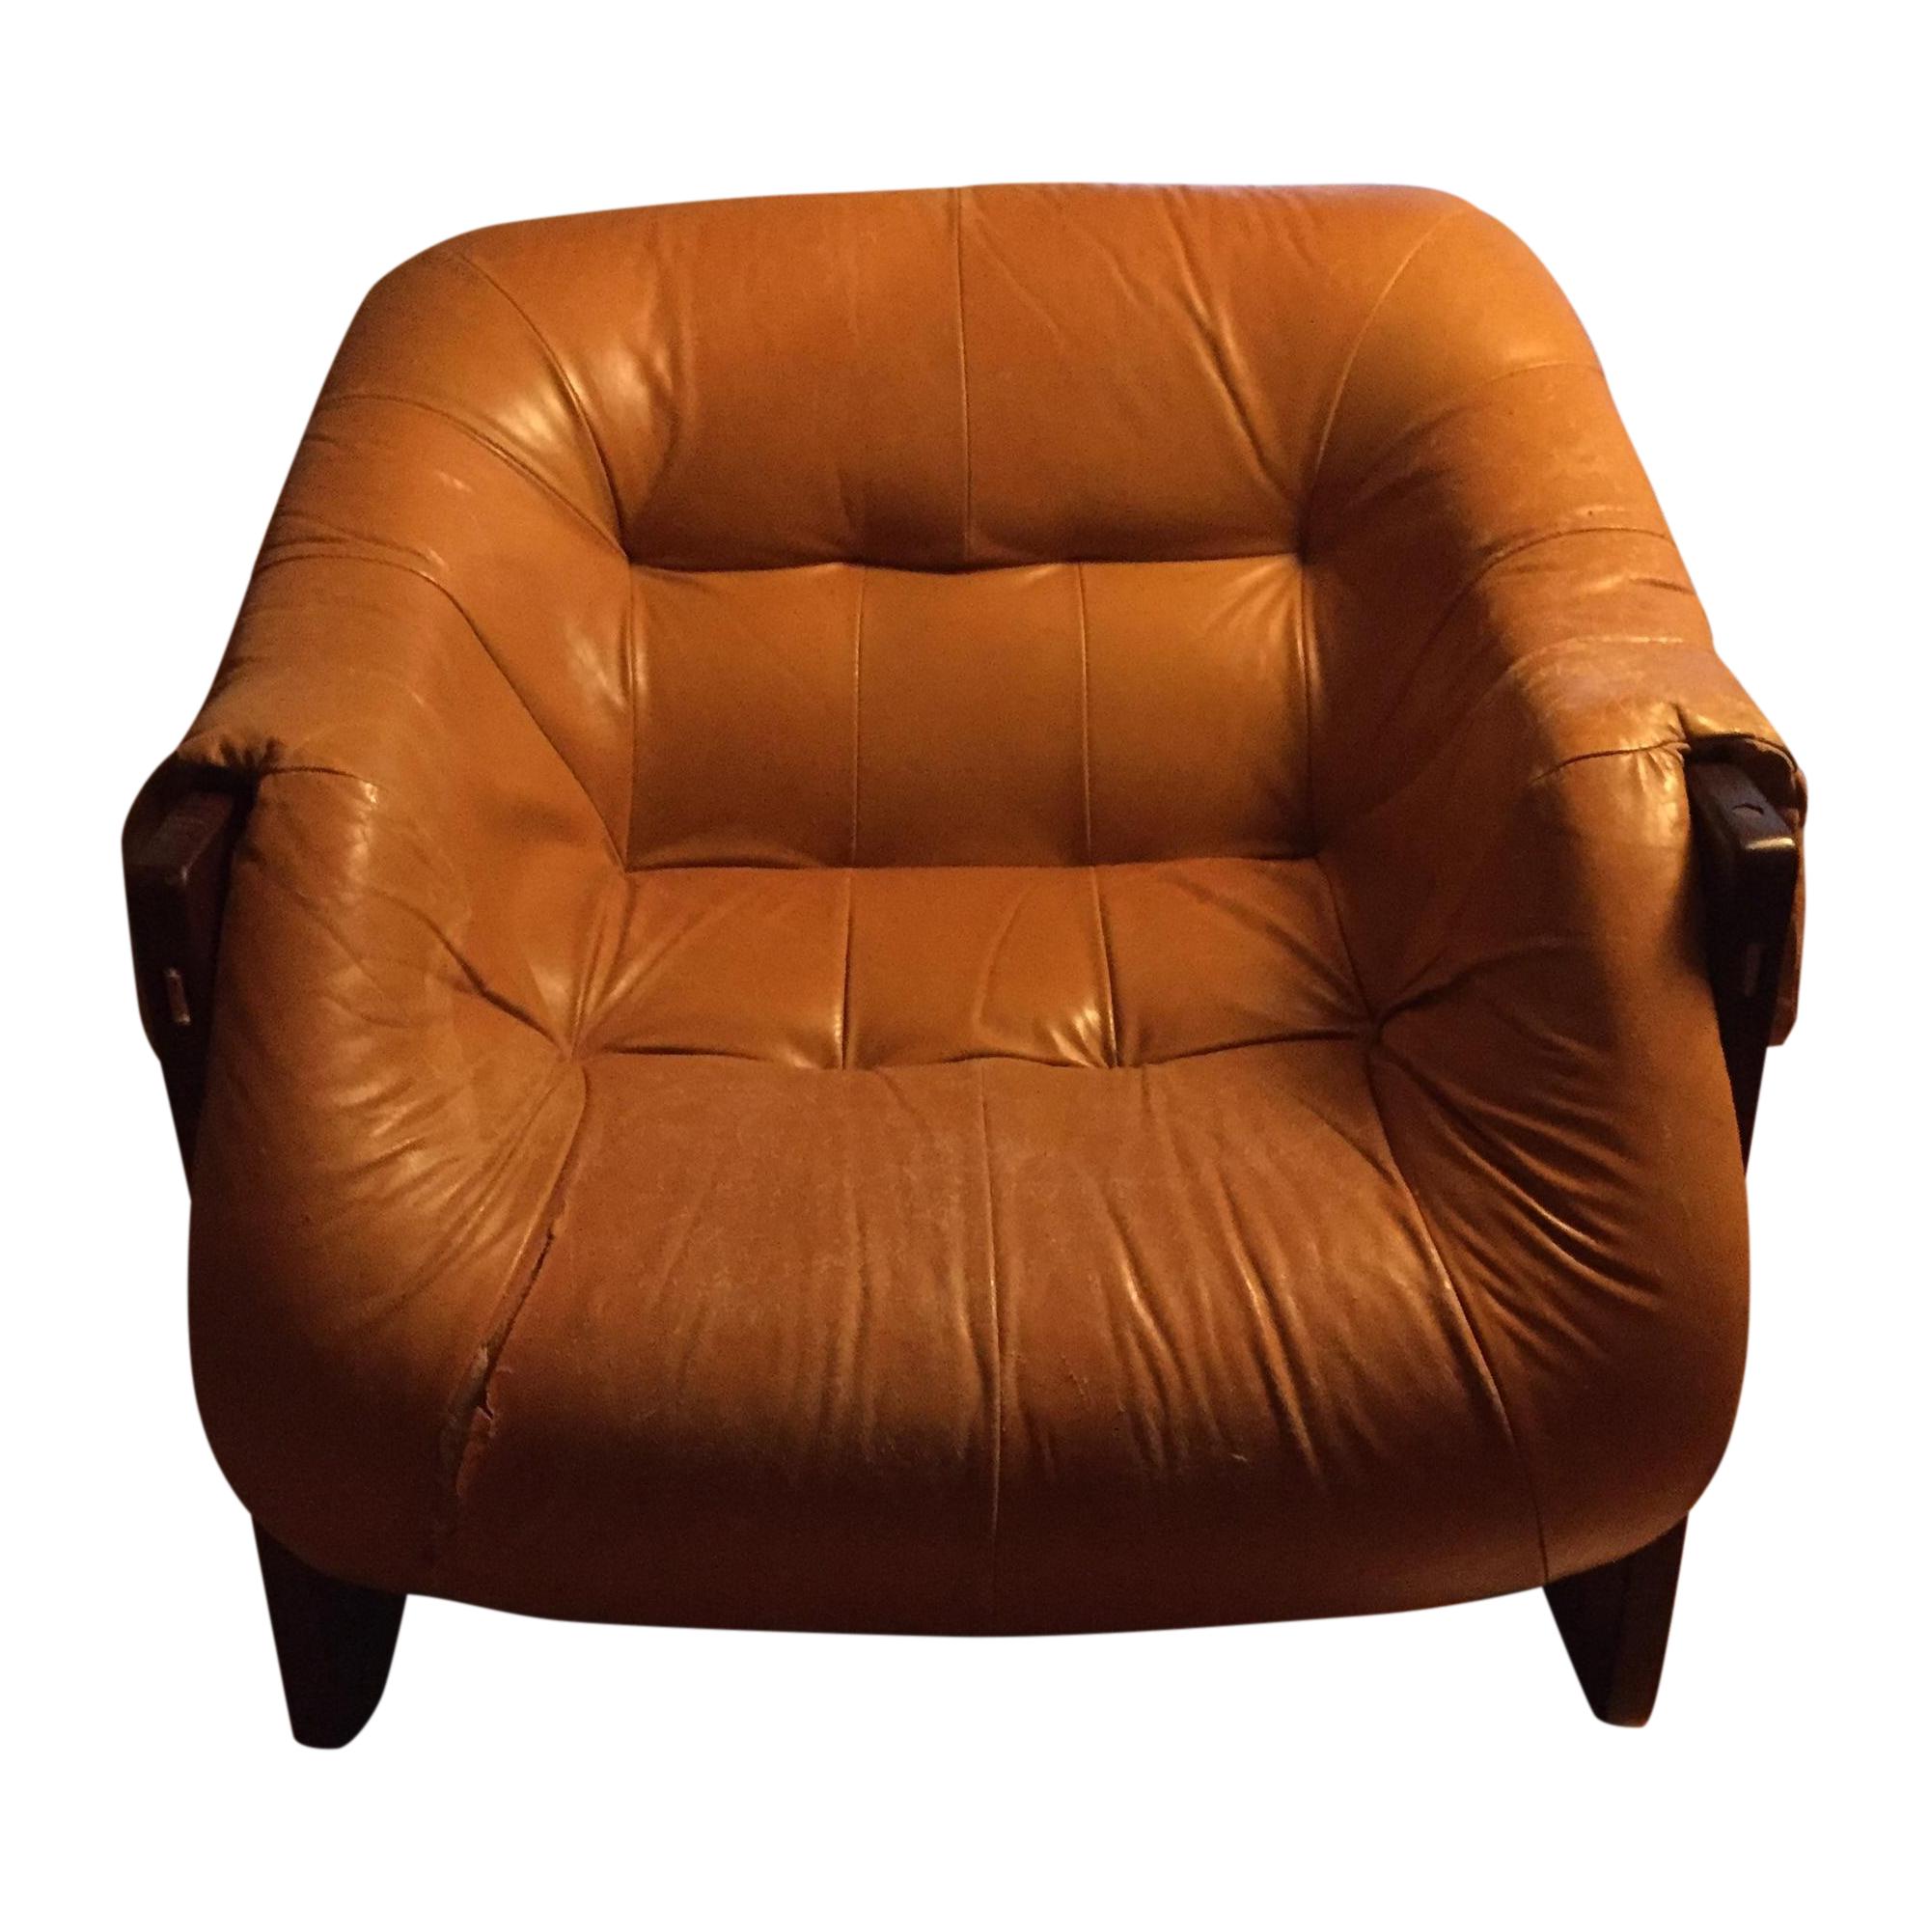 Merveilleux 1970s Percival Lafer Chair